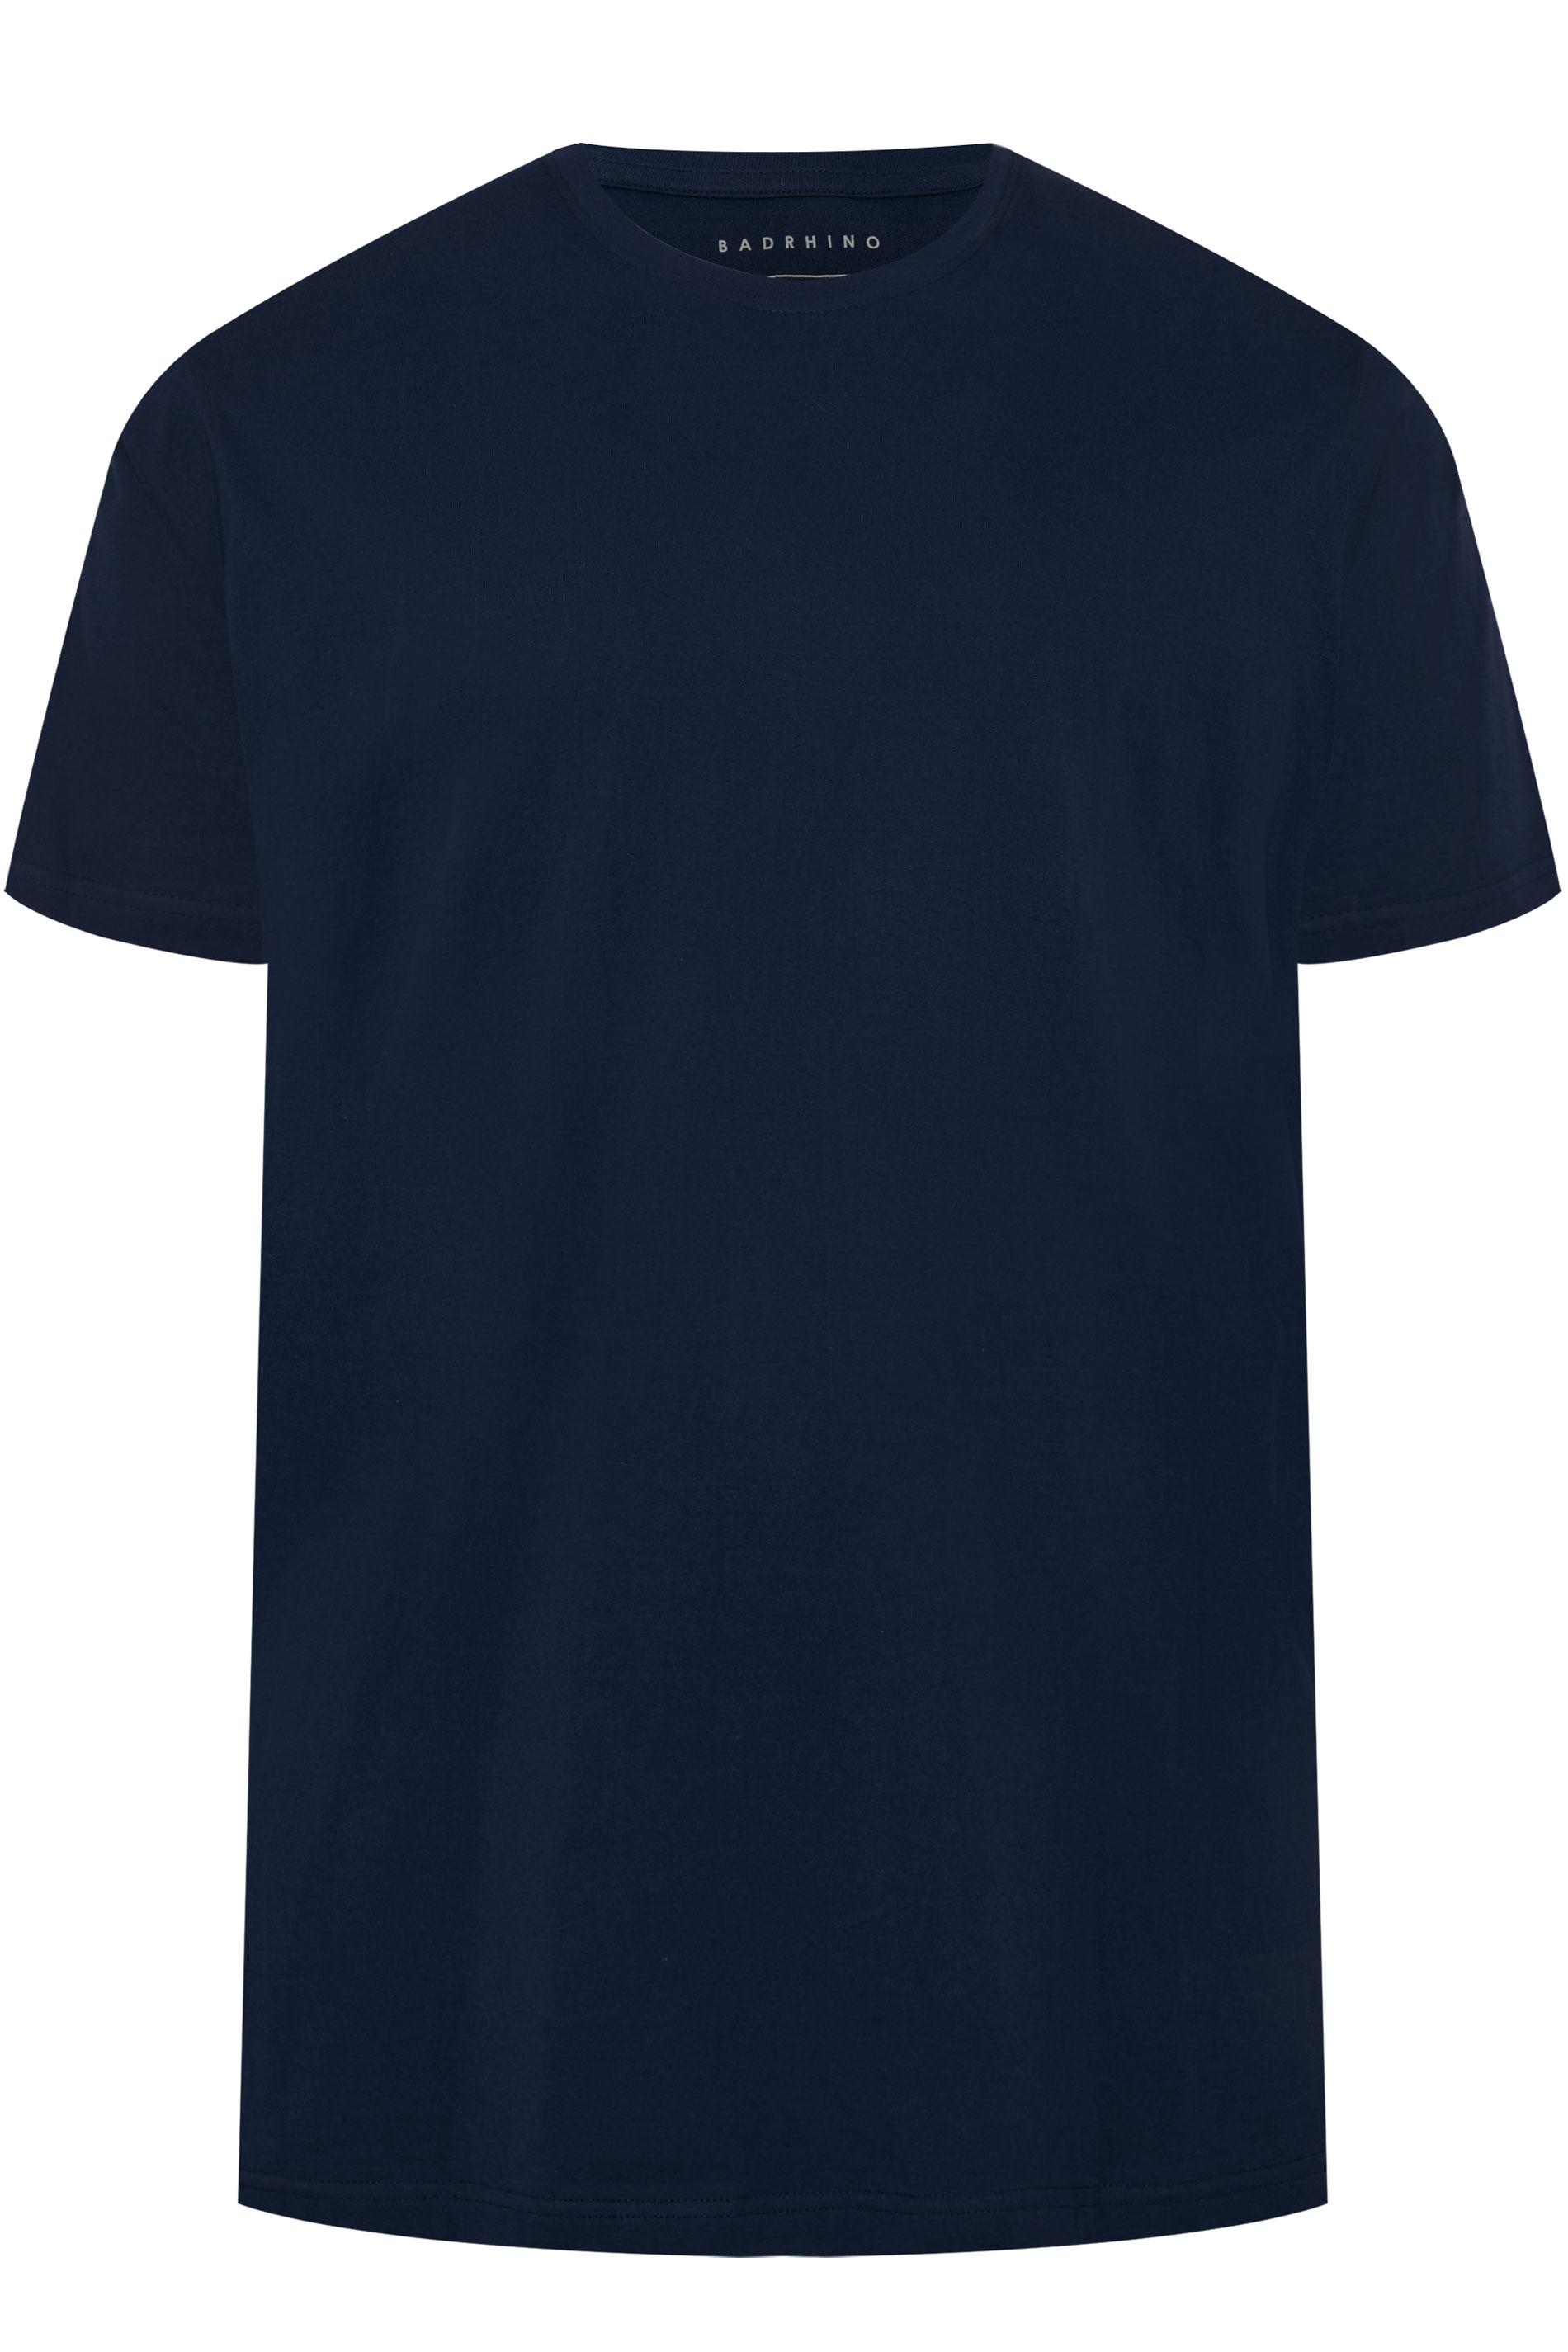 BadRhino Navy Embroidered Logo T-Shirt